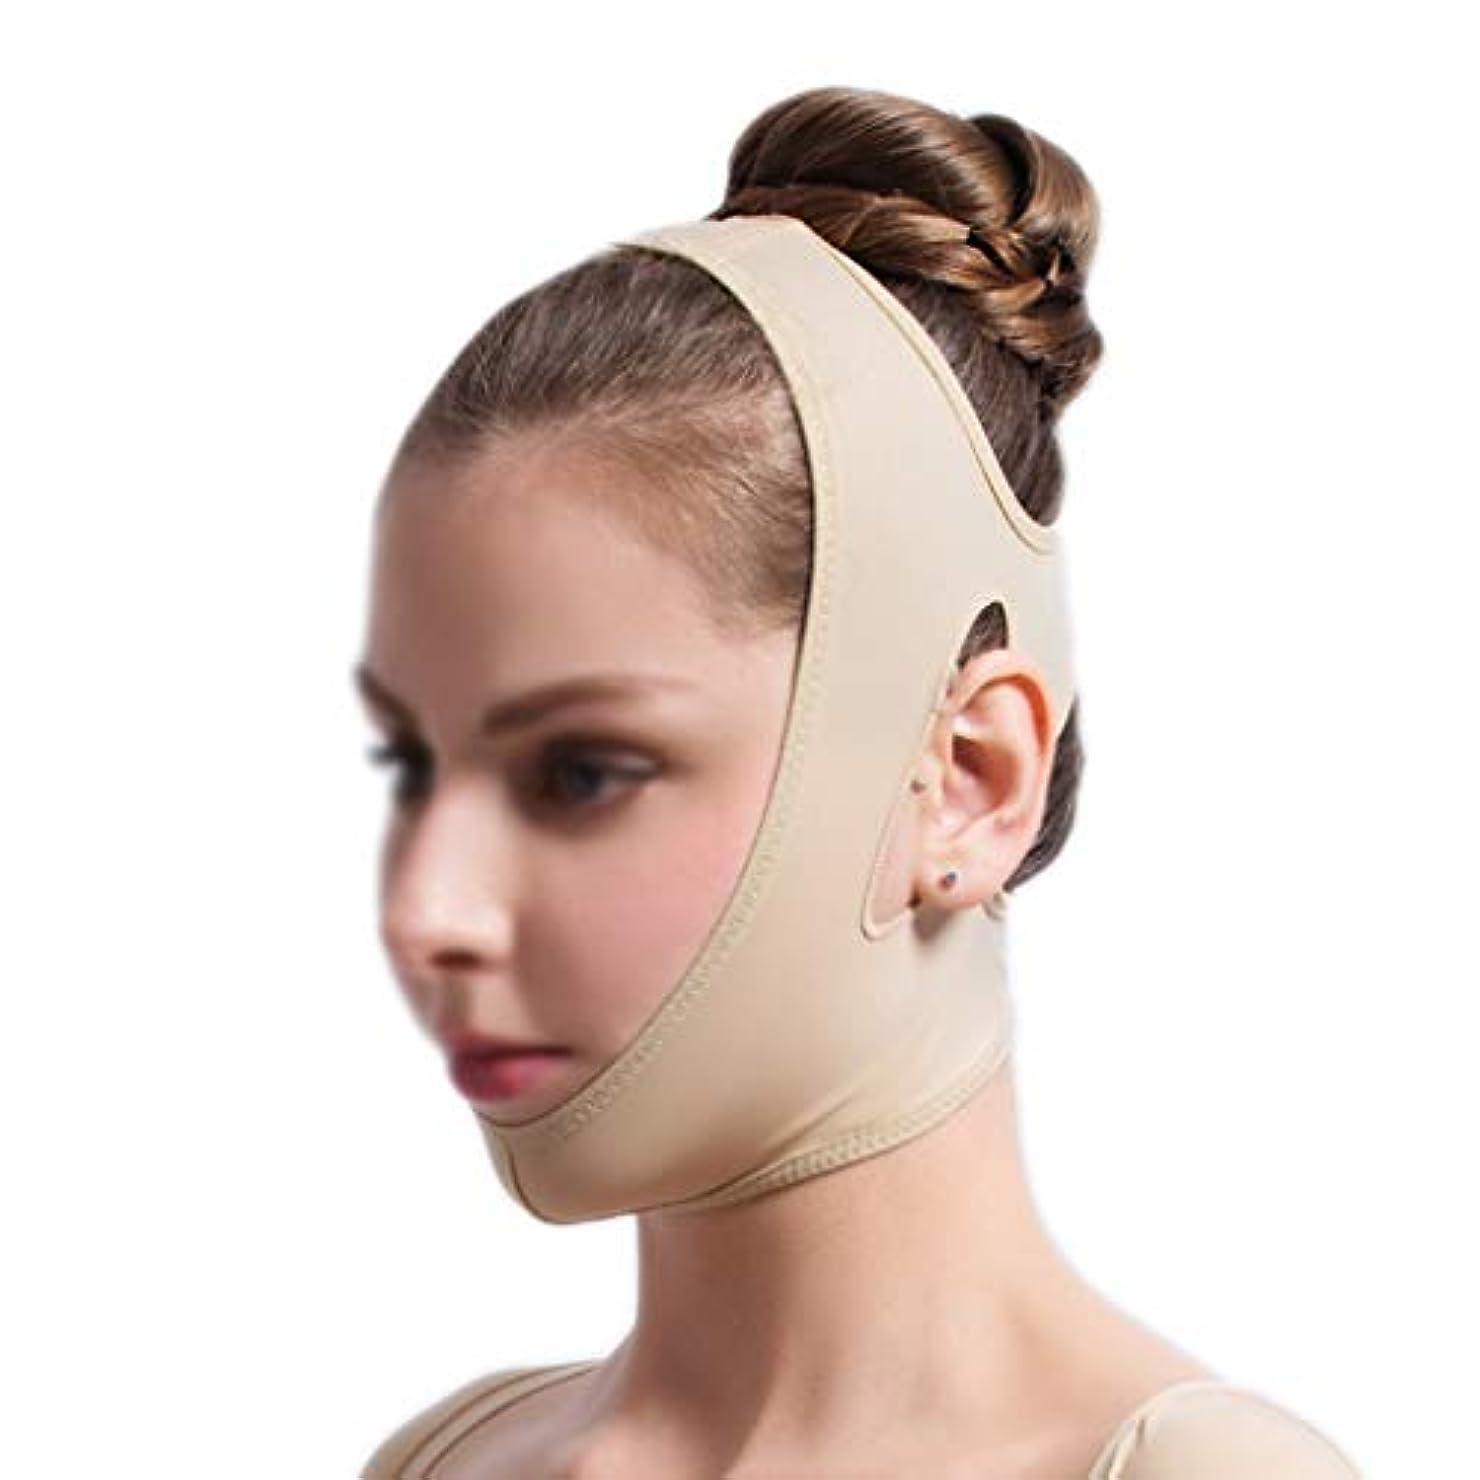 リスト理容室竜巻フェイスリフティング包帯、フェイシャル減量マスク、フェイシャルリフティング痩身ベルト、痩身頬マスク (Size : L)